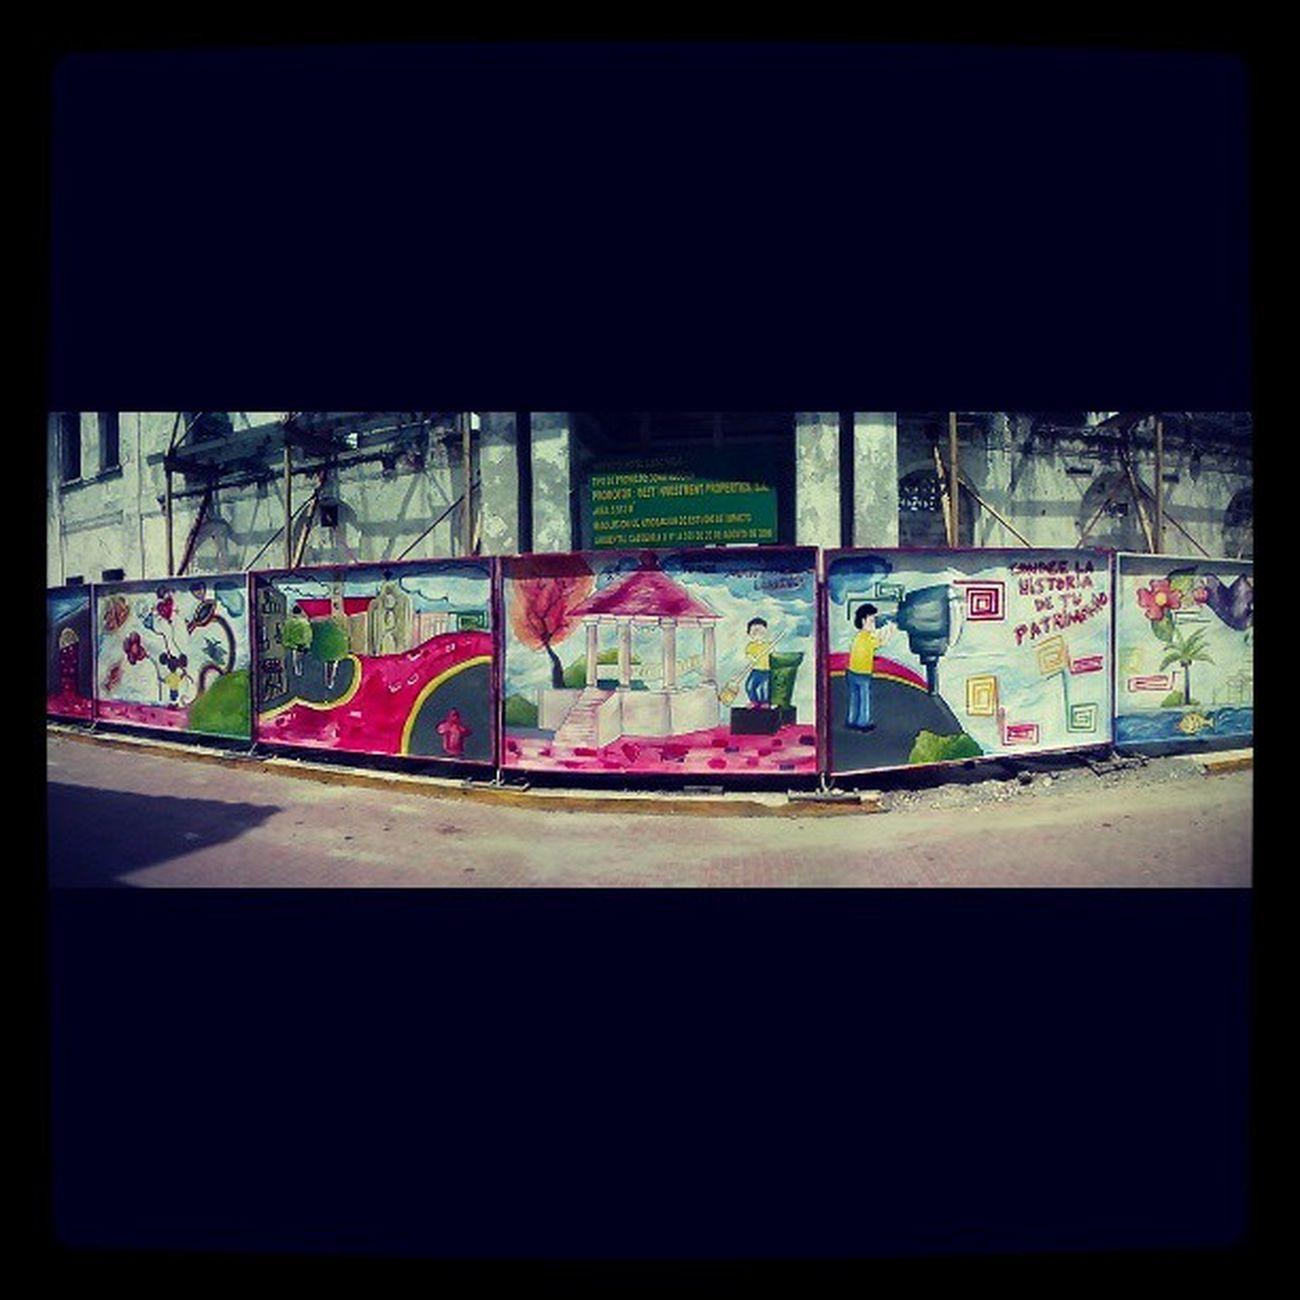 Cascoviejo Catedral Bovedas Panamá latino central relax patin Panama skateboarding skate skaterojo skateday skatelife skateshot sk8 instamoment instapic instareal instashot instagood